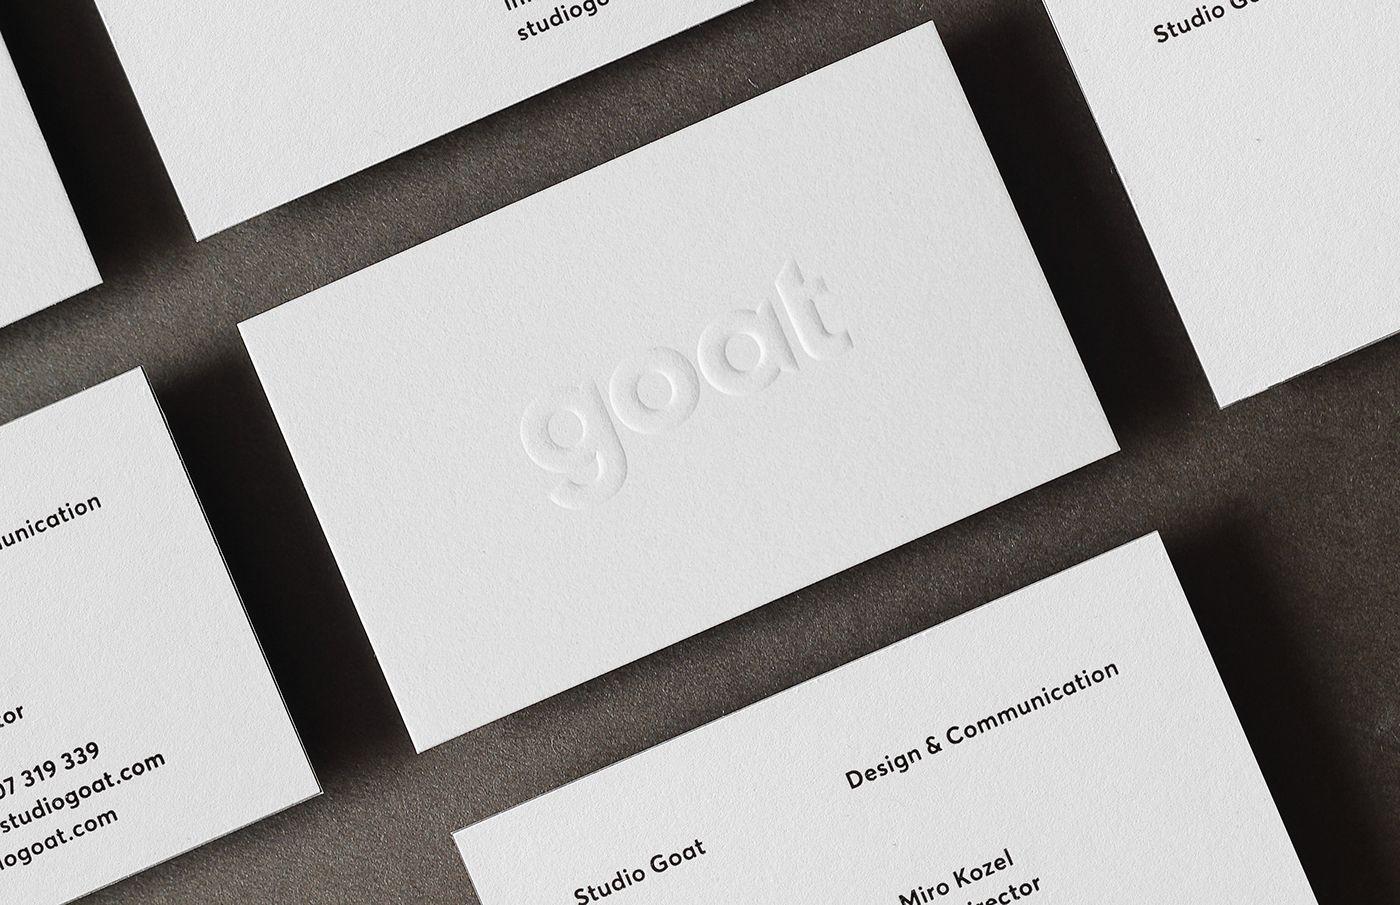 Studio Goat on Behance